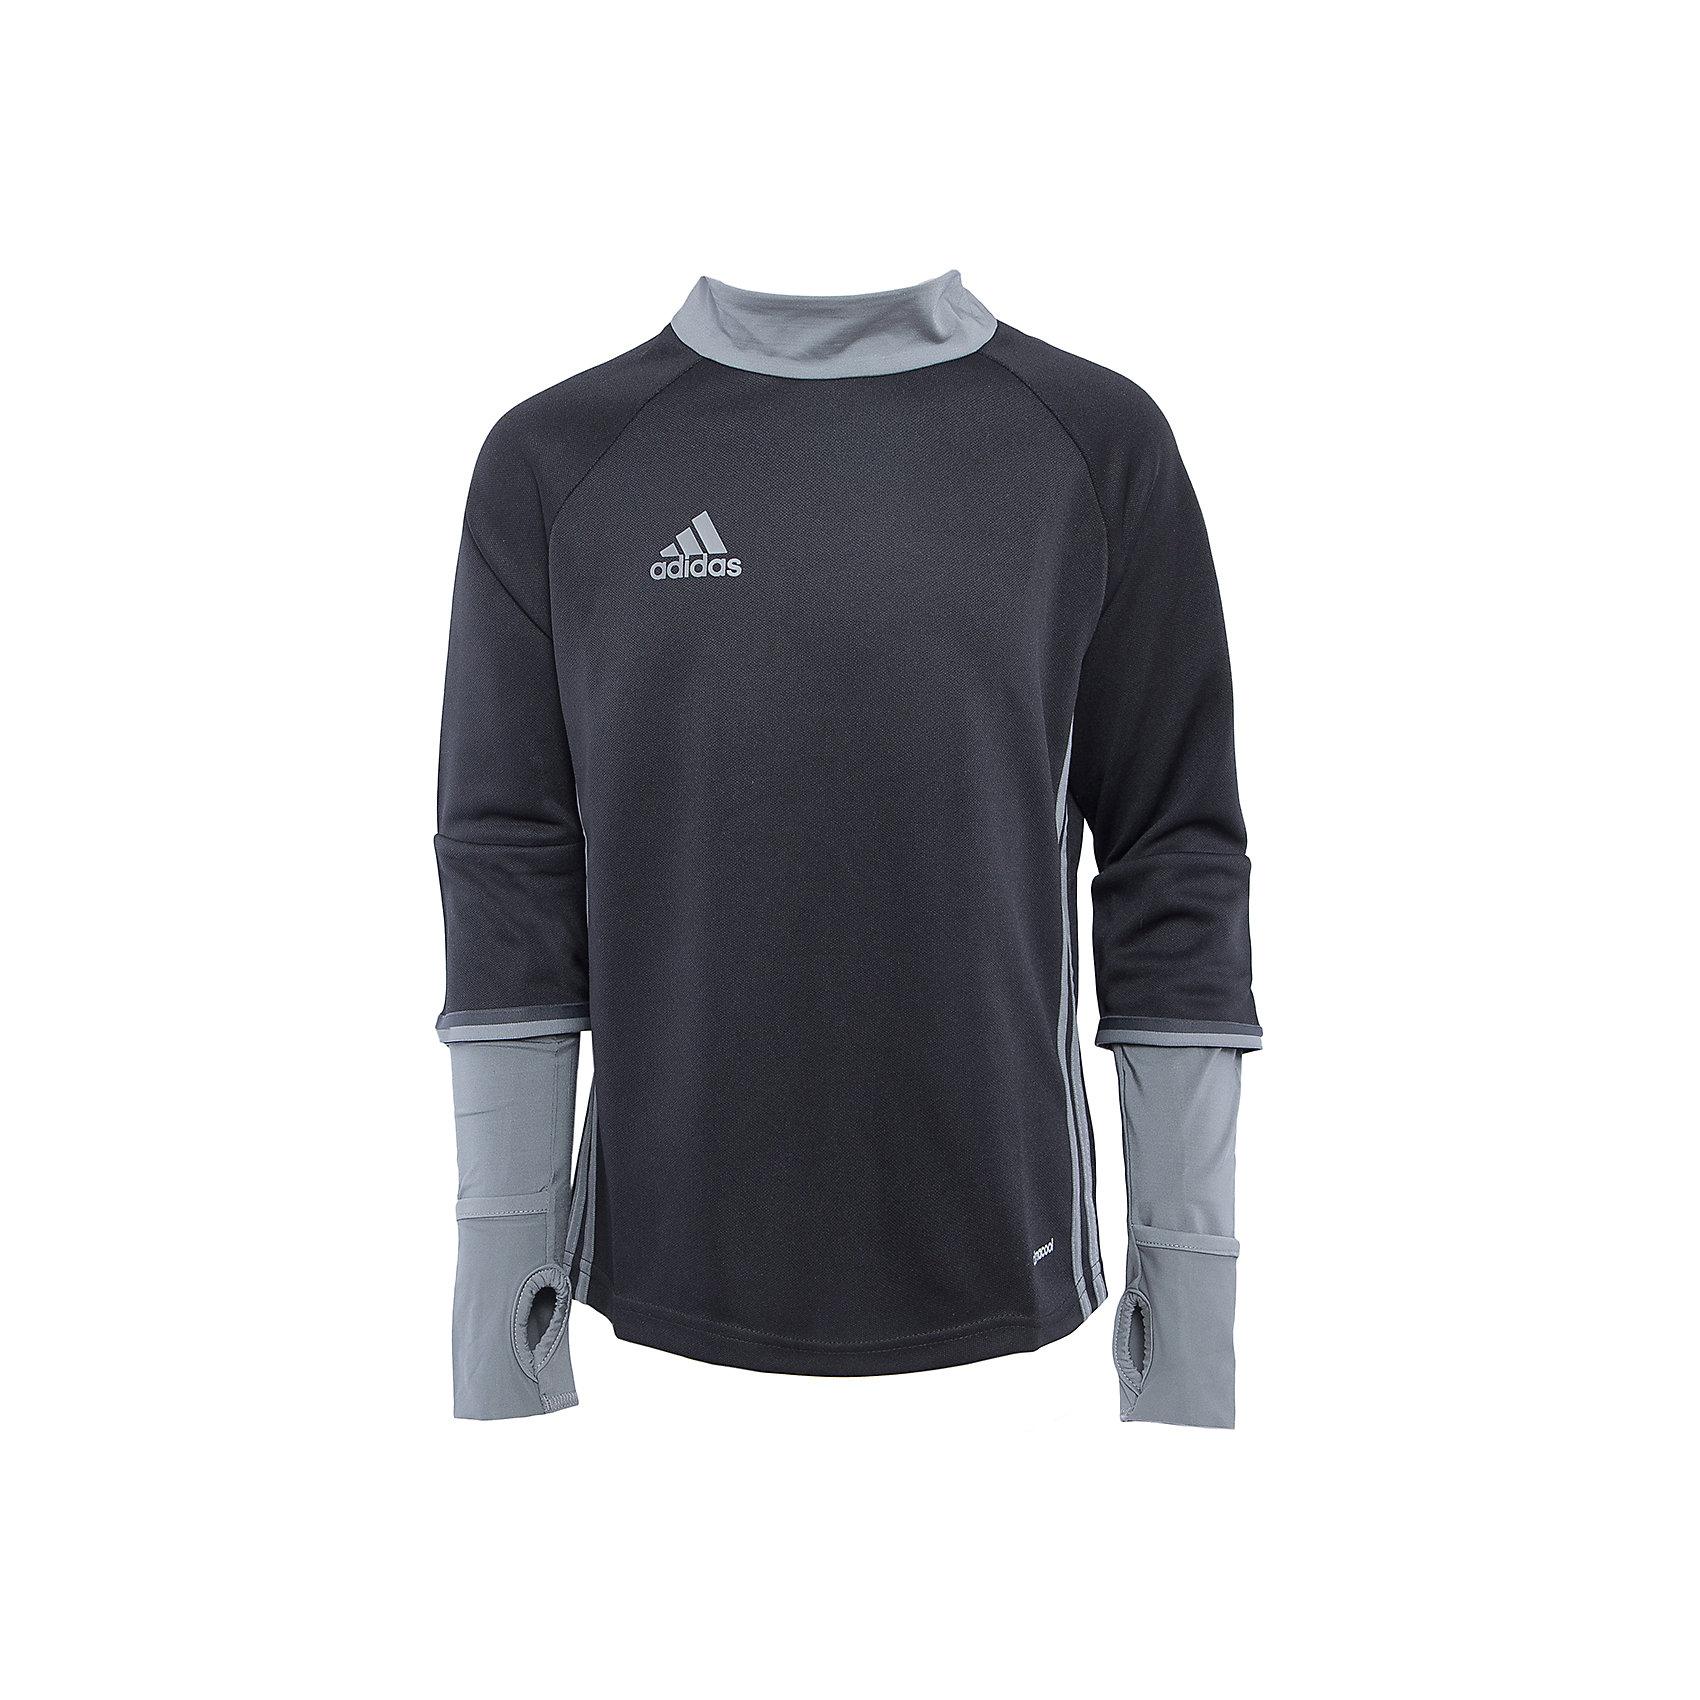 Джемпер Condivo 16 adidasСпортивная форма<br>Джемпер  Аdidas (Адидас).<br><br>Характеристики:<br><br>• Цвет: черный, серый<br>• 100% полиэстер (плотный трикотаж); нижняя часть рукавов и перчатки: 80% полиэстер / 20% эластан (тонкий трикотаж).<br>• Технология climacool® сохраняет приятные ощущения прохлады и свежести благодаря специальным сетчатым вставкам<br>• Эластичный воротник-стойка; <br>• Плотные рукава-реглан с прилегающей нижней частью<br>• Вшитые перчатки; отверстия для больших пальцев; <br>• Технологичная сетка; функциональная плетеная ткань<br>• Эта модель — часть экологической программы adidas: использованы технологии, сберегающие природные ресурсы; каждая нить имеет значение: переработанный полиэстер сохраняет природные ресурсы и уменьшает отходы производства<br>• Приталенный крой<br><br>Джемпер Adidas (Адидас) – это специальный джемпер для тренировок и спортивных игр на воздухе. Технология climacool® дарит ощущение свежести, даже когда становится жарко, а плотные рукава длиной 3/4 плотно прилегают к телу, сохраняя тепло. Модель выполнена в черном цвете с серыми рукавами и воротником. Приталенный крой, эластичный воротник-стойка, вшитые перчатки, отверстия для больших пальцев – все это разработано для комфорта во время игр и тренировок. Настоящие футболисты тренируются круглый год. Теперь ты сможешь тренироваться в любую погоду.<br><br>Джемпер Adidas (Адидас), можно купить в нашем интернет – магазине.<br><br>Ширина мм: 190<br>Глубина мм: 74<br>Высота мм: 229<br>Вес г: 236<br>Цвет: синий<br>Возраст от месяцев: 84<br>Возраст до месяцев: 96<br>Пол: Мужской<br>Возраст: Детский<br>Размер: 128,164,140,152<br>SKU: 5003585